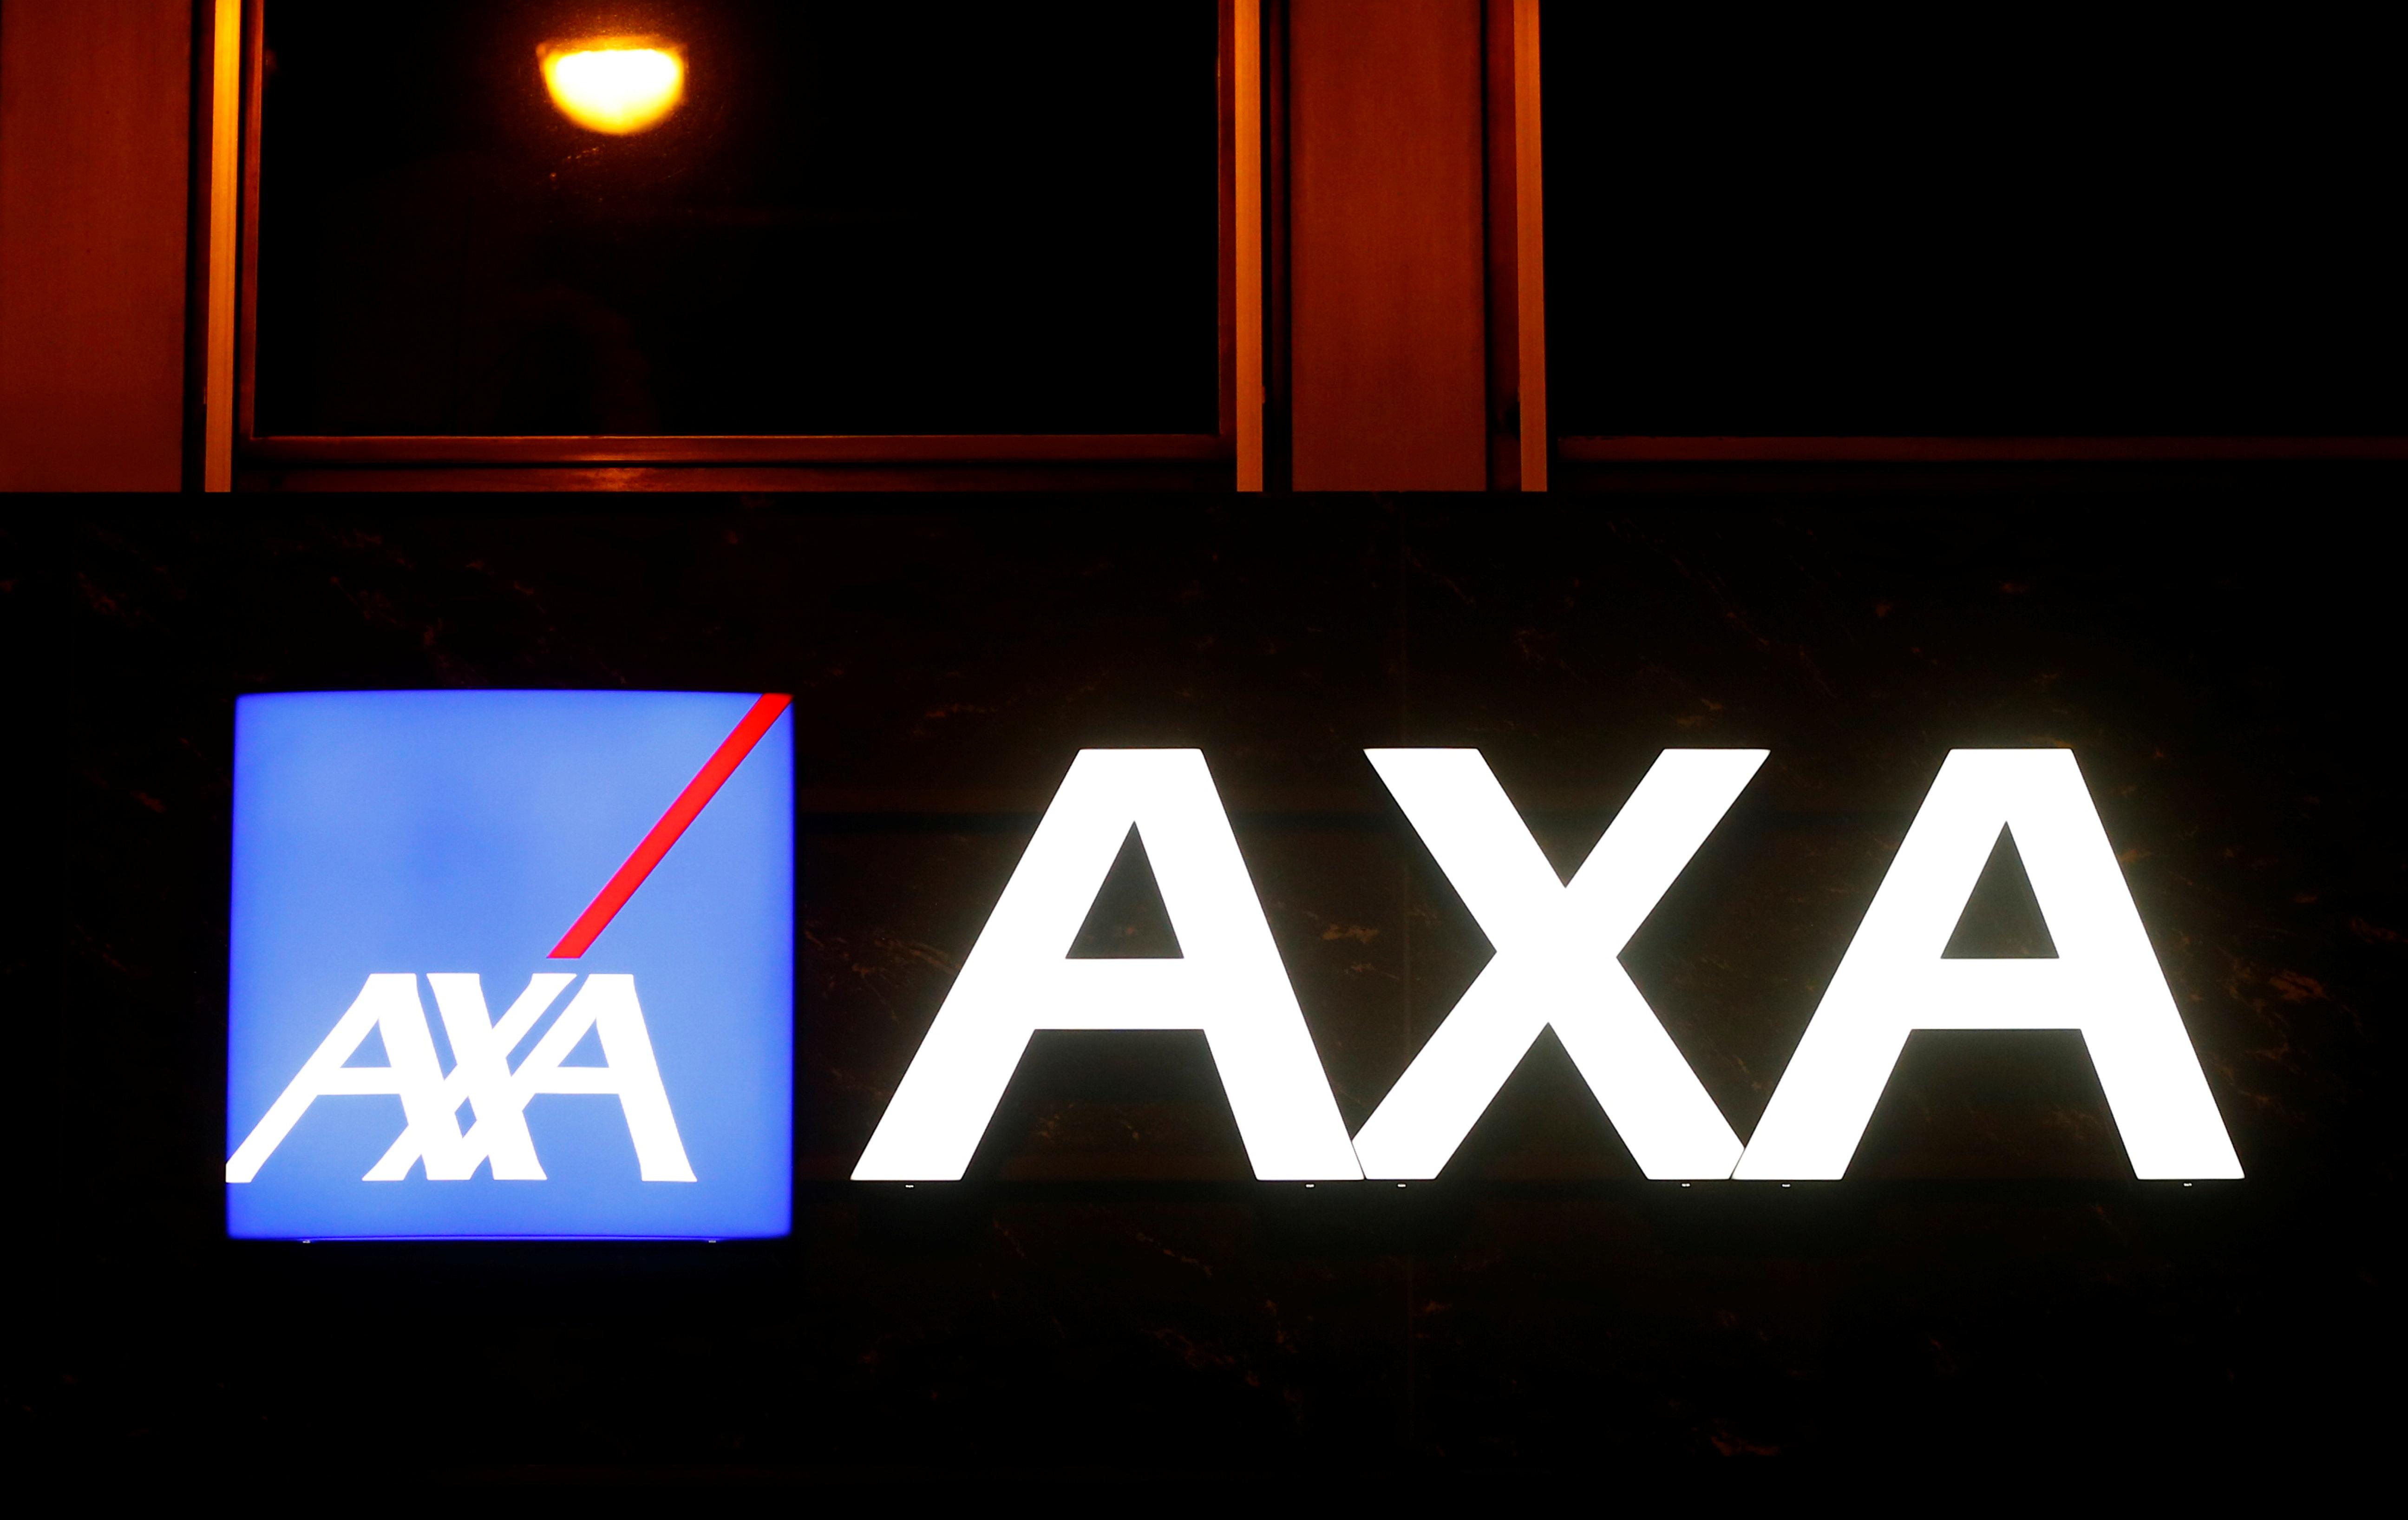 La aseguradora Axa ofrece 300 millones de euros a los restauradores de Francia por el cierre durante la pandemia